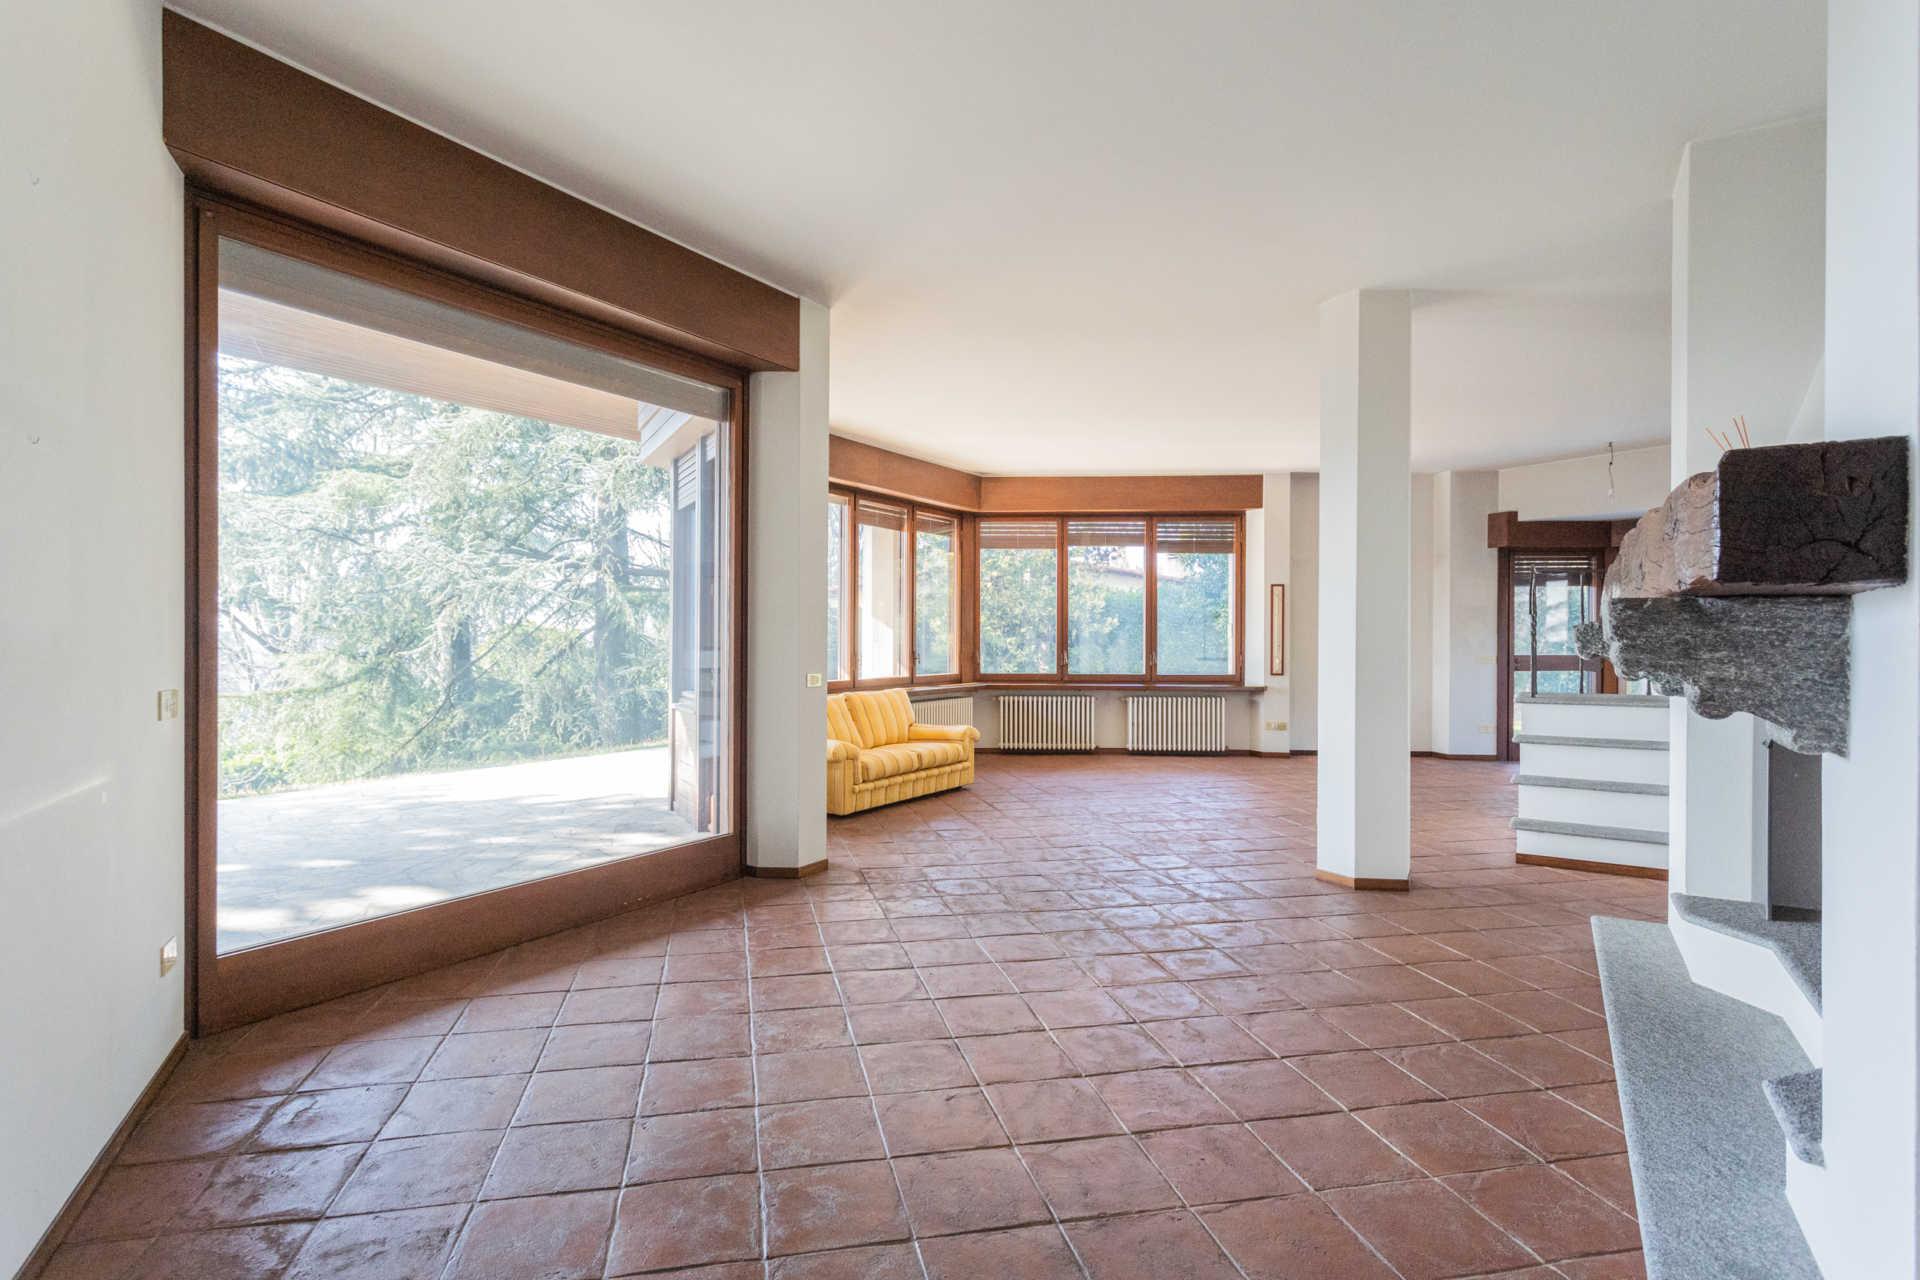 Villa-singola-Carate-Brianza-in-vendita (45)